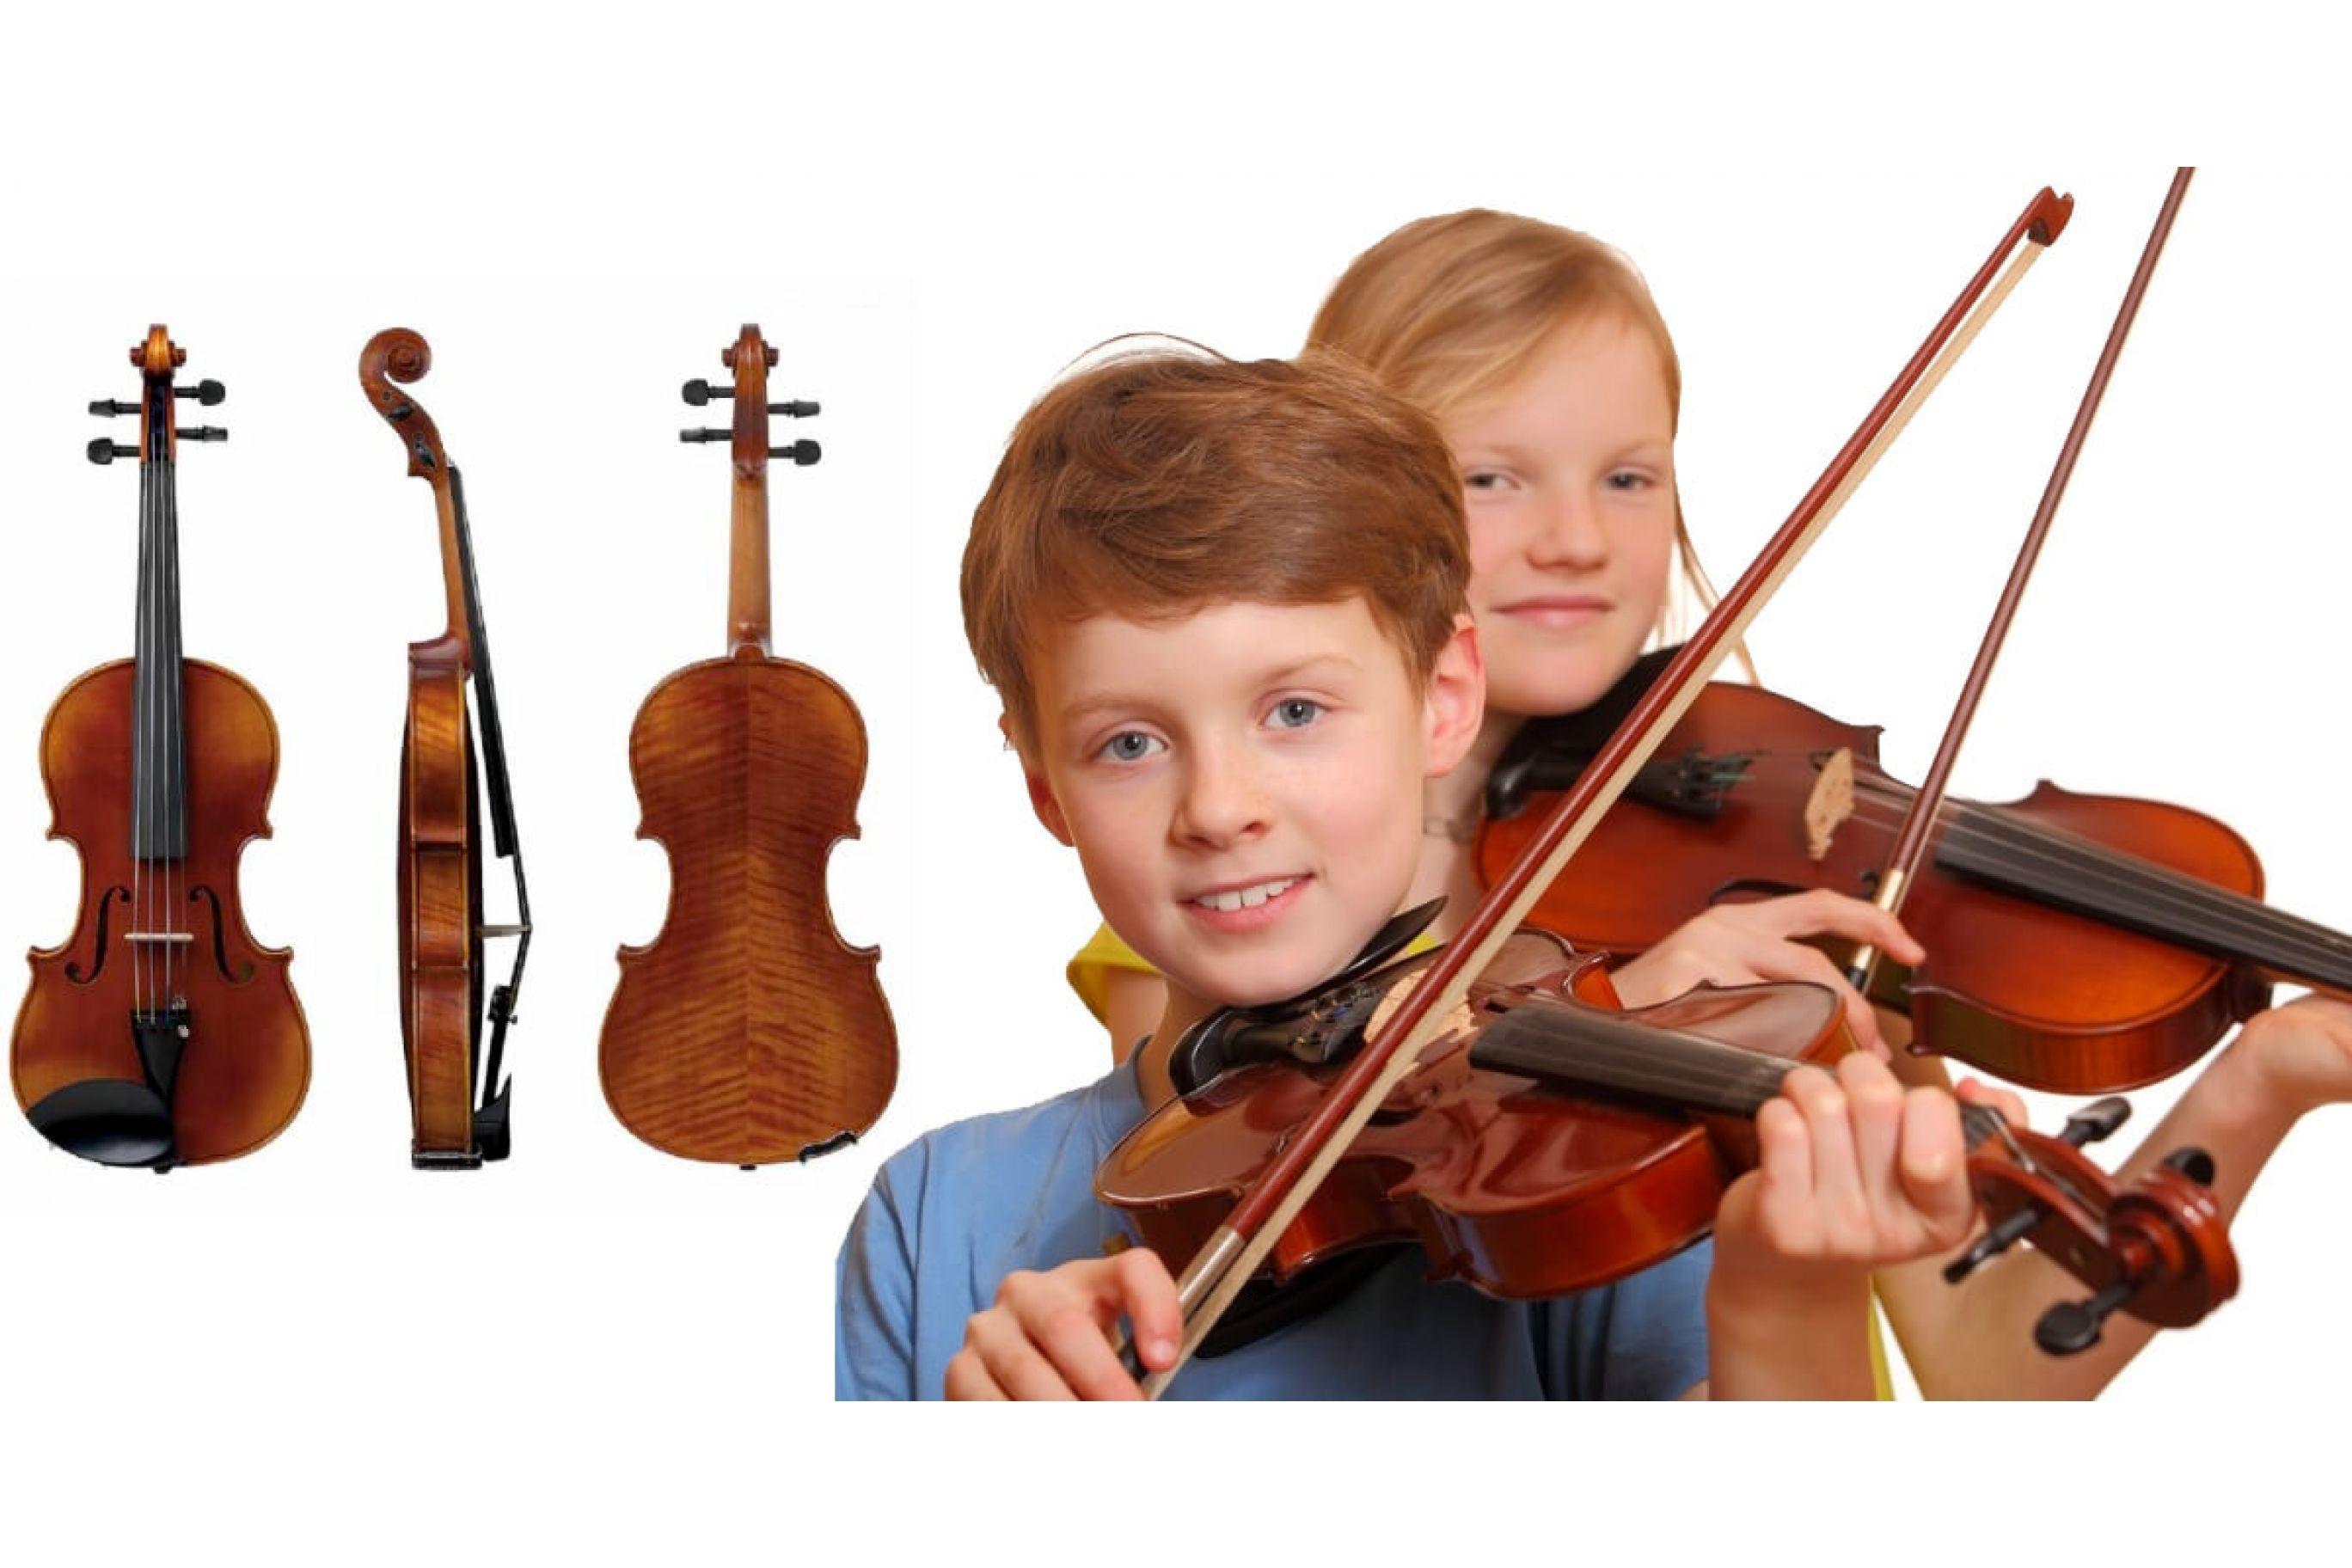 I migliori violini per bambini e principianti